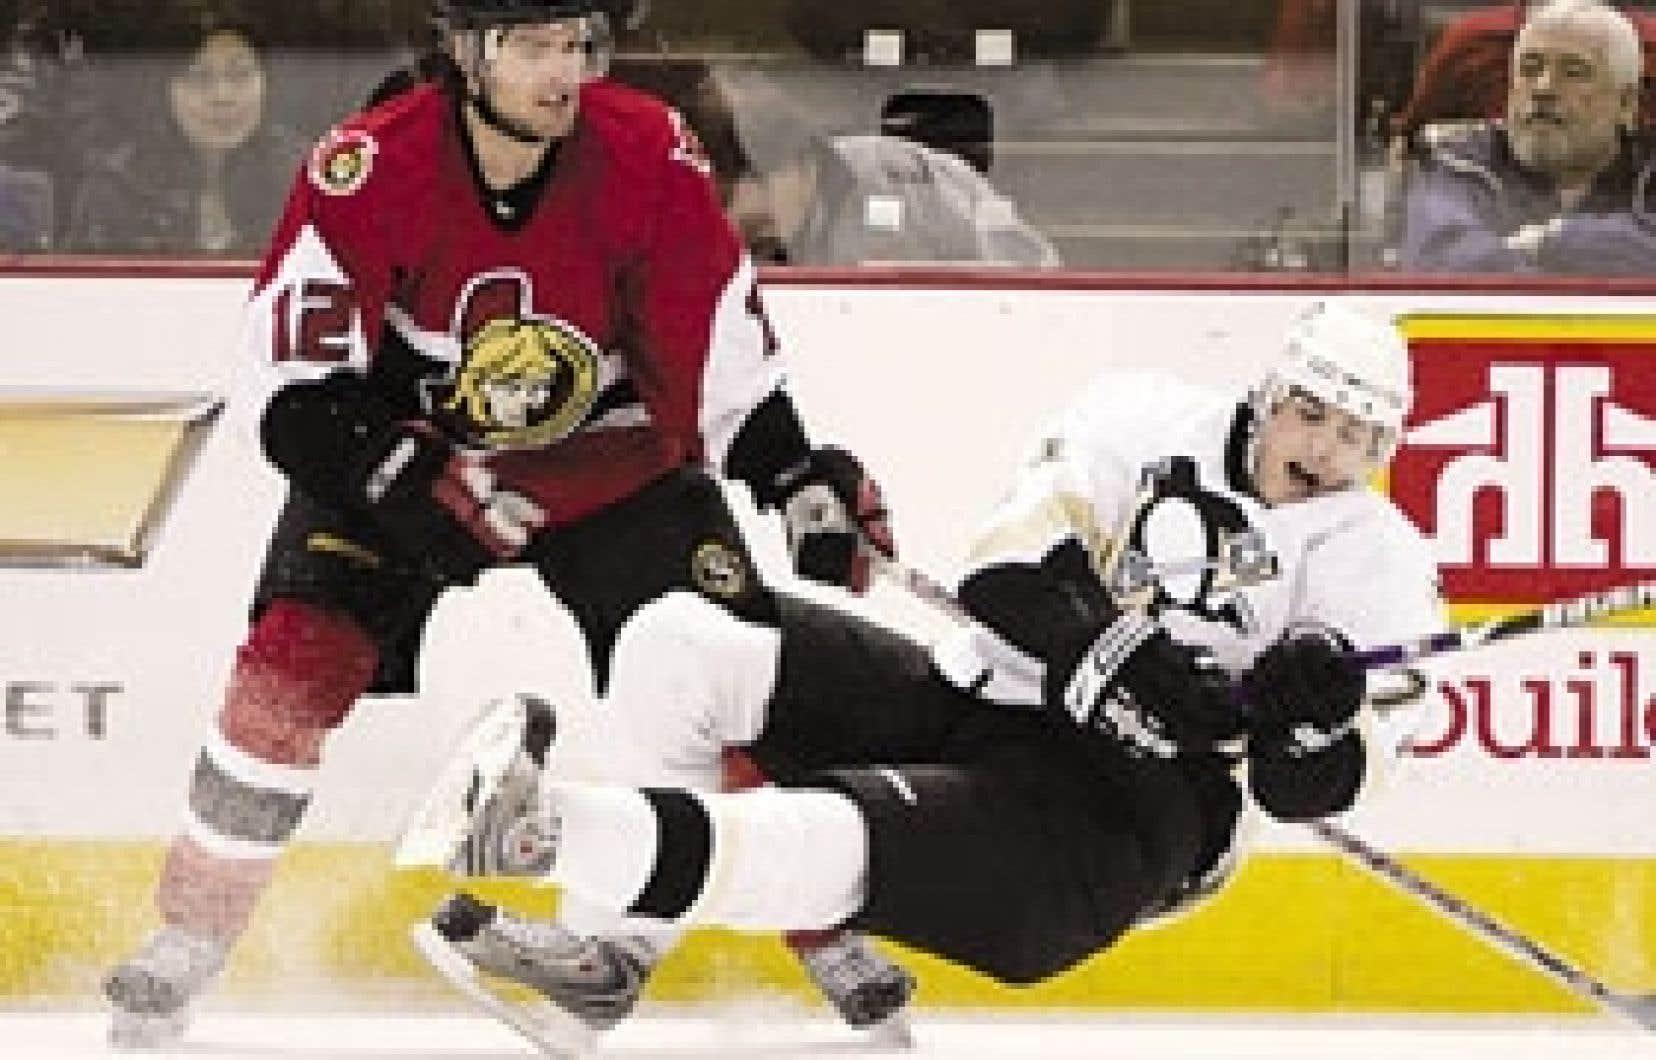 Mike Fisher, des Sénateurs, a servi une dure mise en échec à Evgeny Malkin, des Penguins de Pittsburgh, en deuxième période lors du premier match à Ottawa, mercredi. Les joueurs des Penguins comptent remettre la monnaie de leur pièce à leurs adve